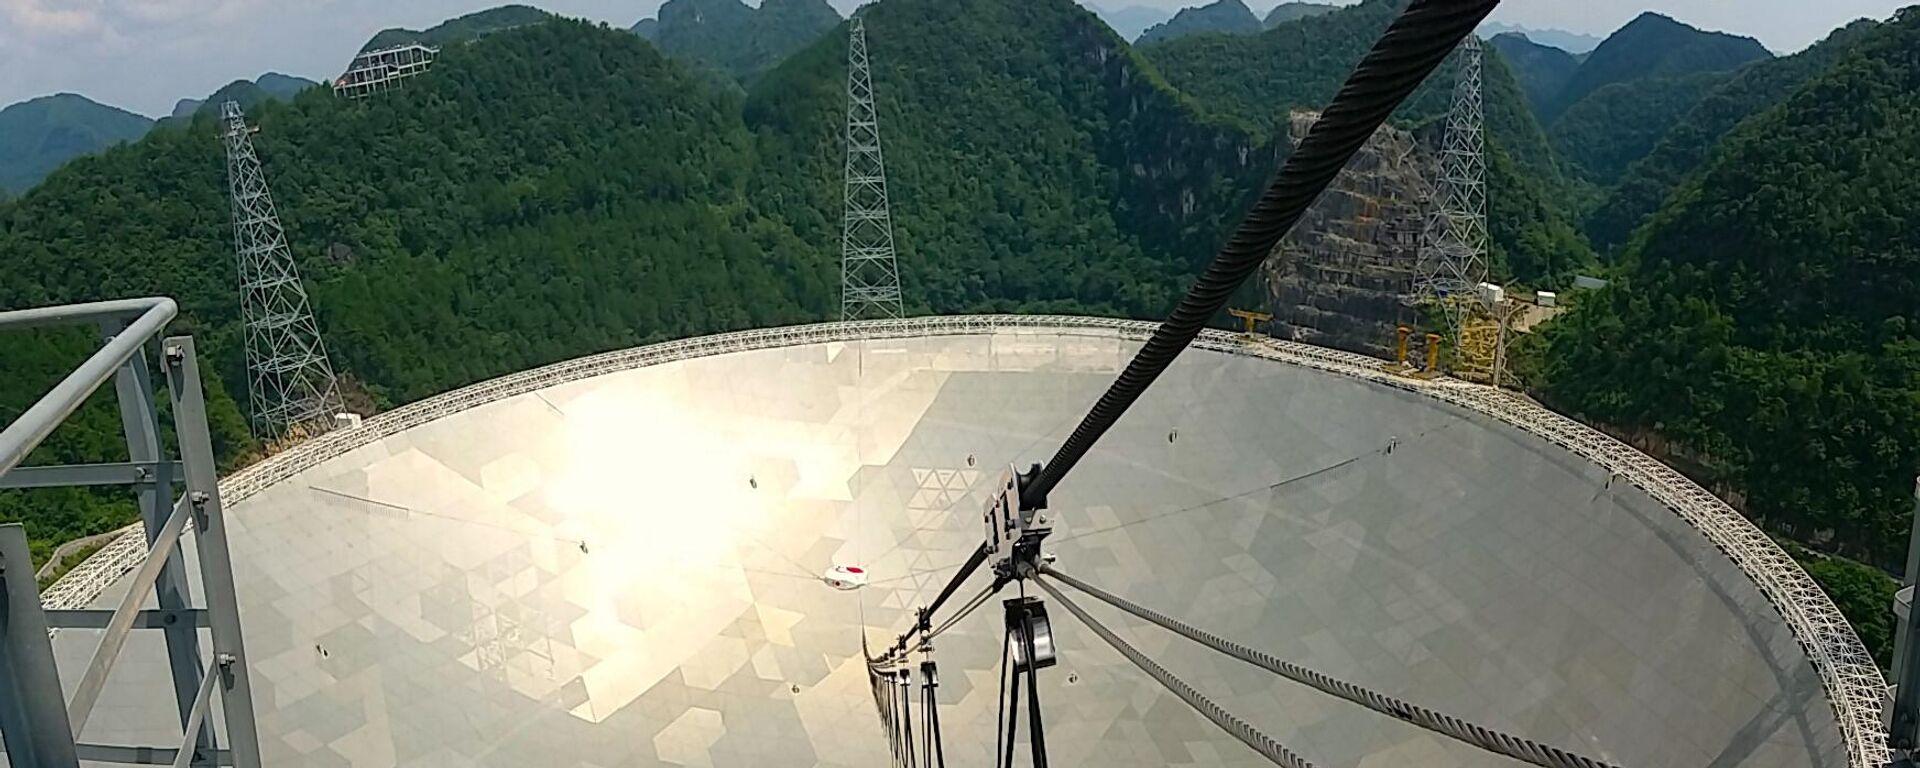 Radiotelescopio FAST, el más grande del mundo - Sputnik Mundo, 1920, 25.02.2021